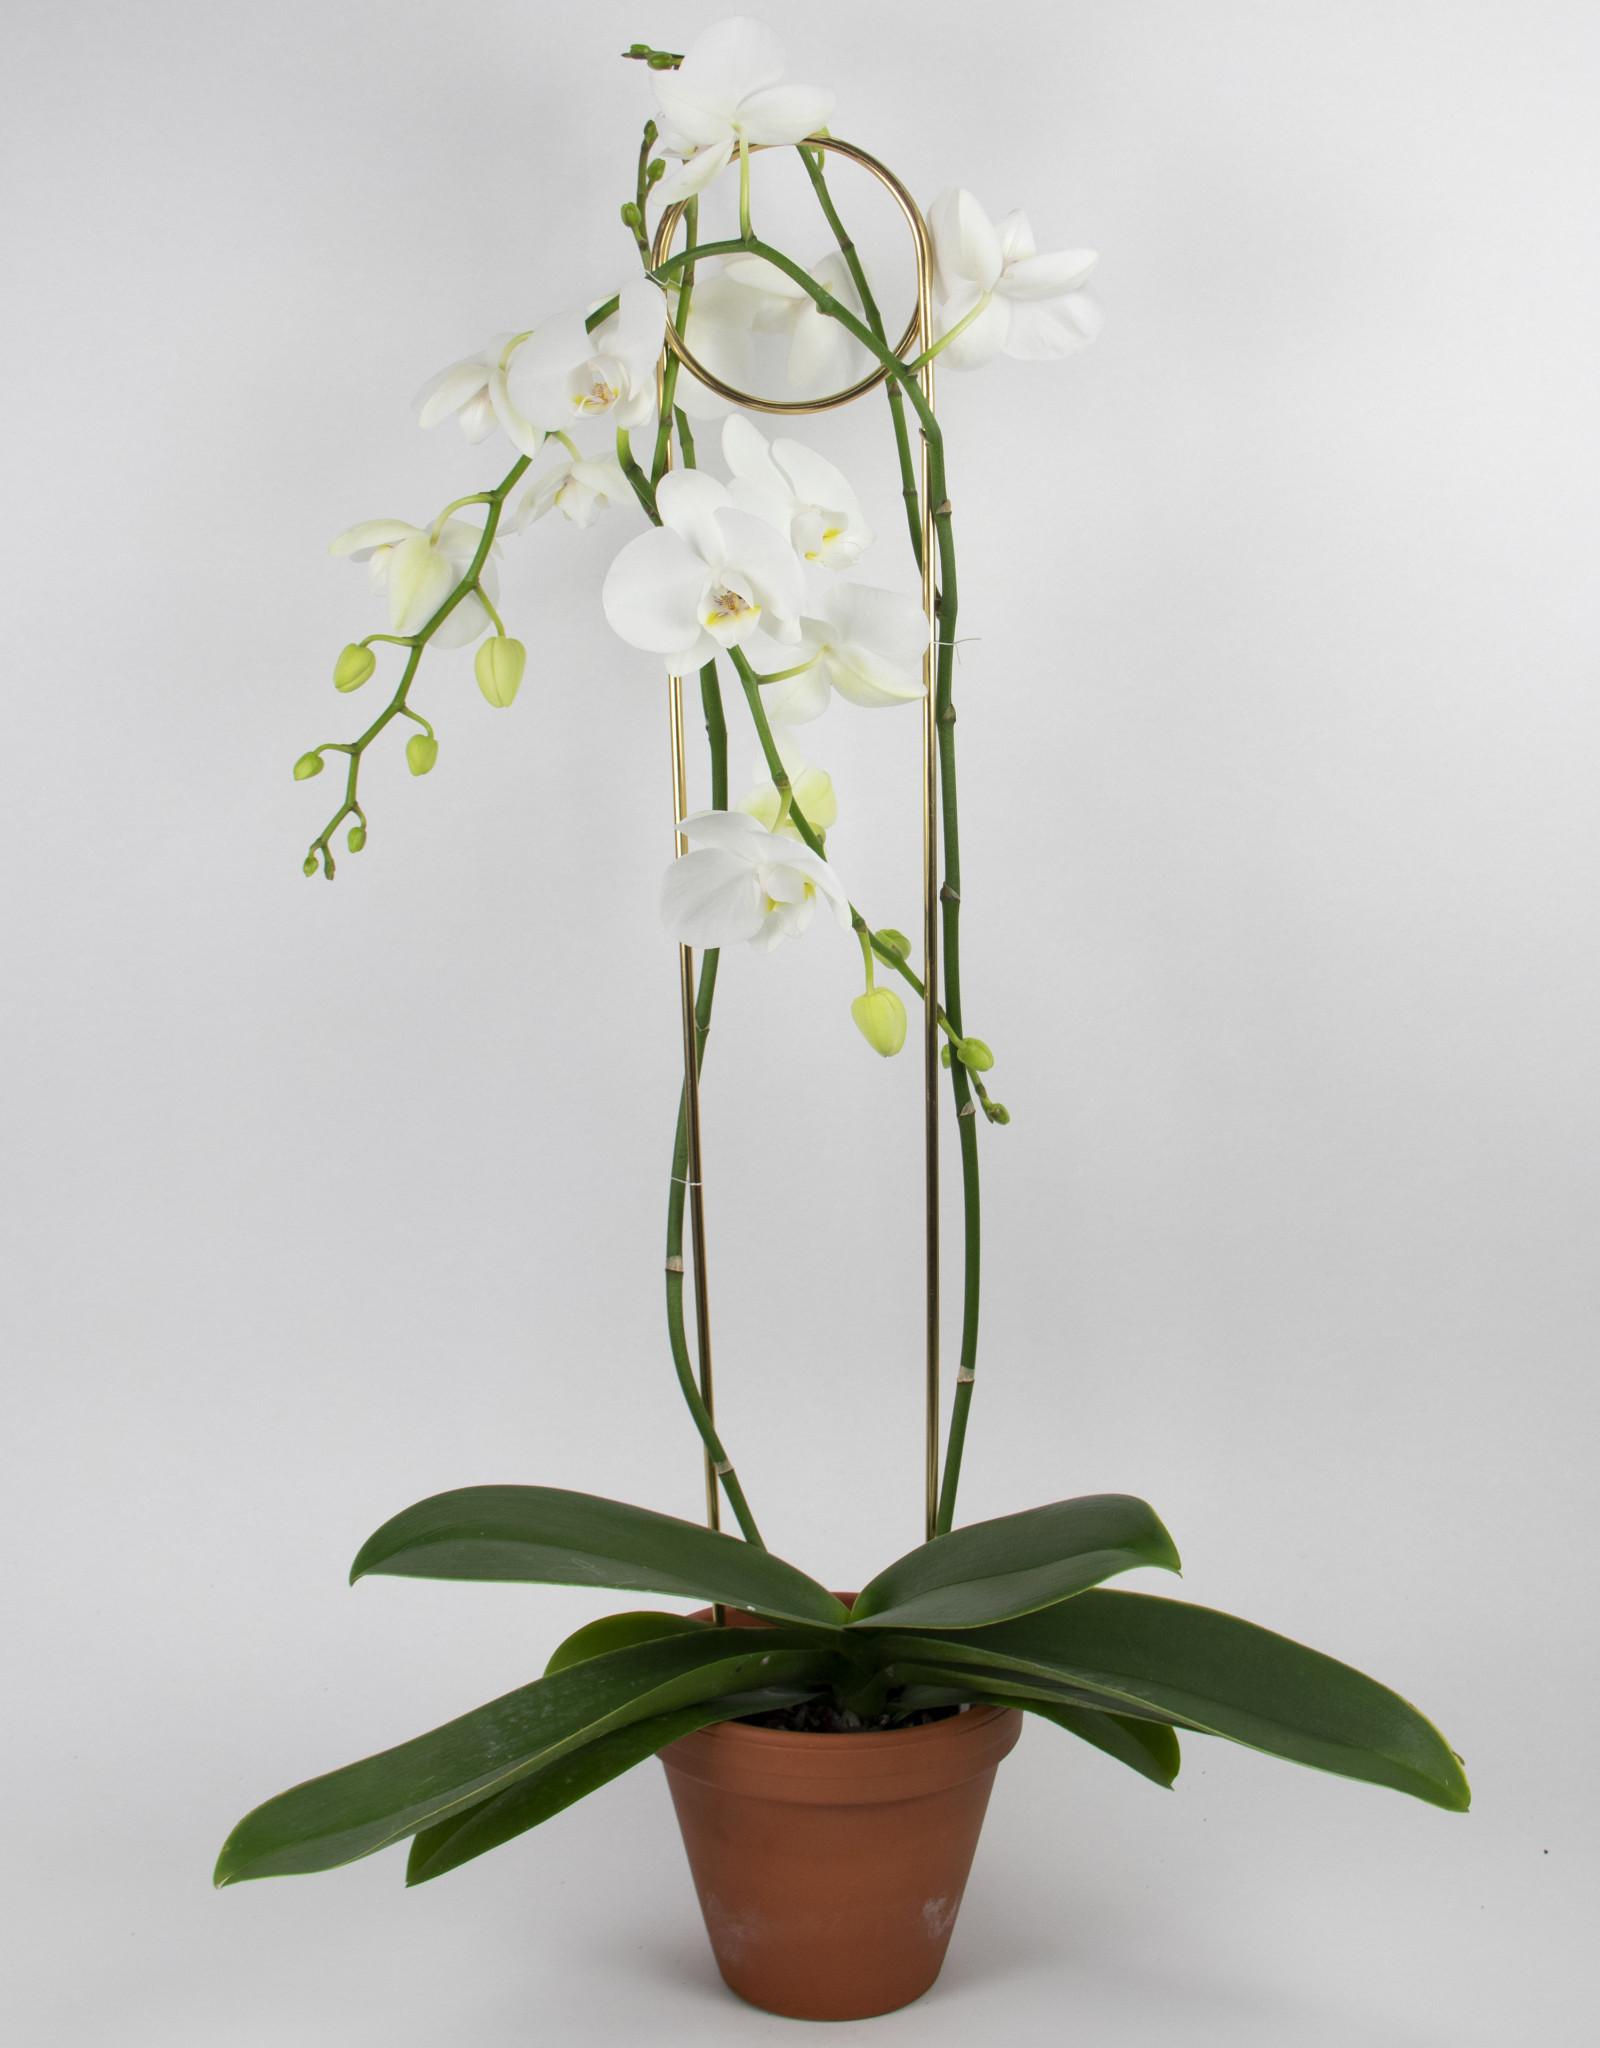 Botanopia Botanopia - Golden plant stake